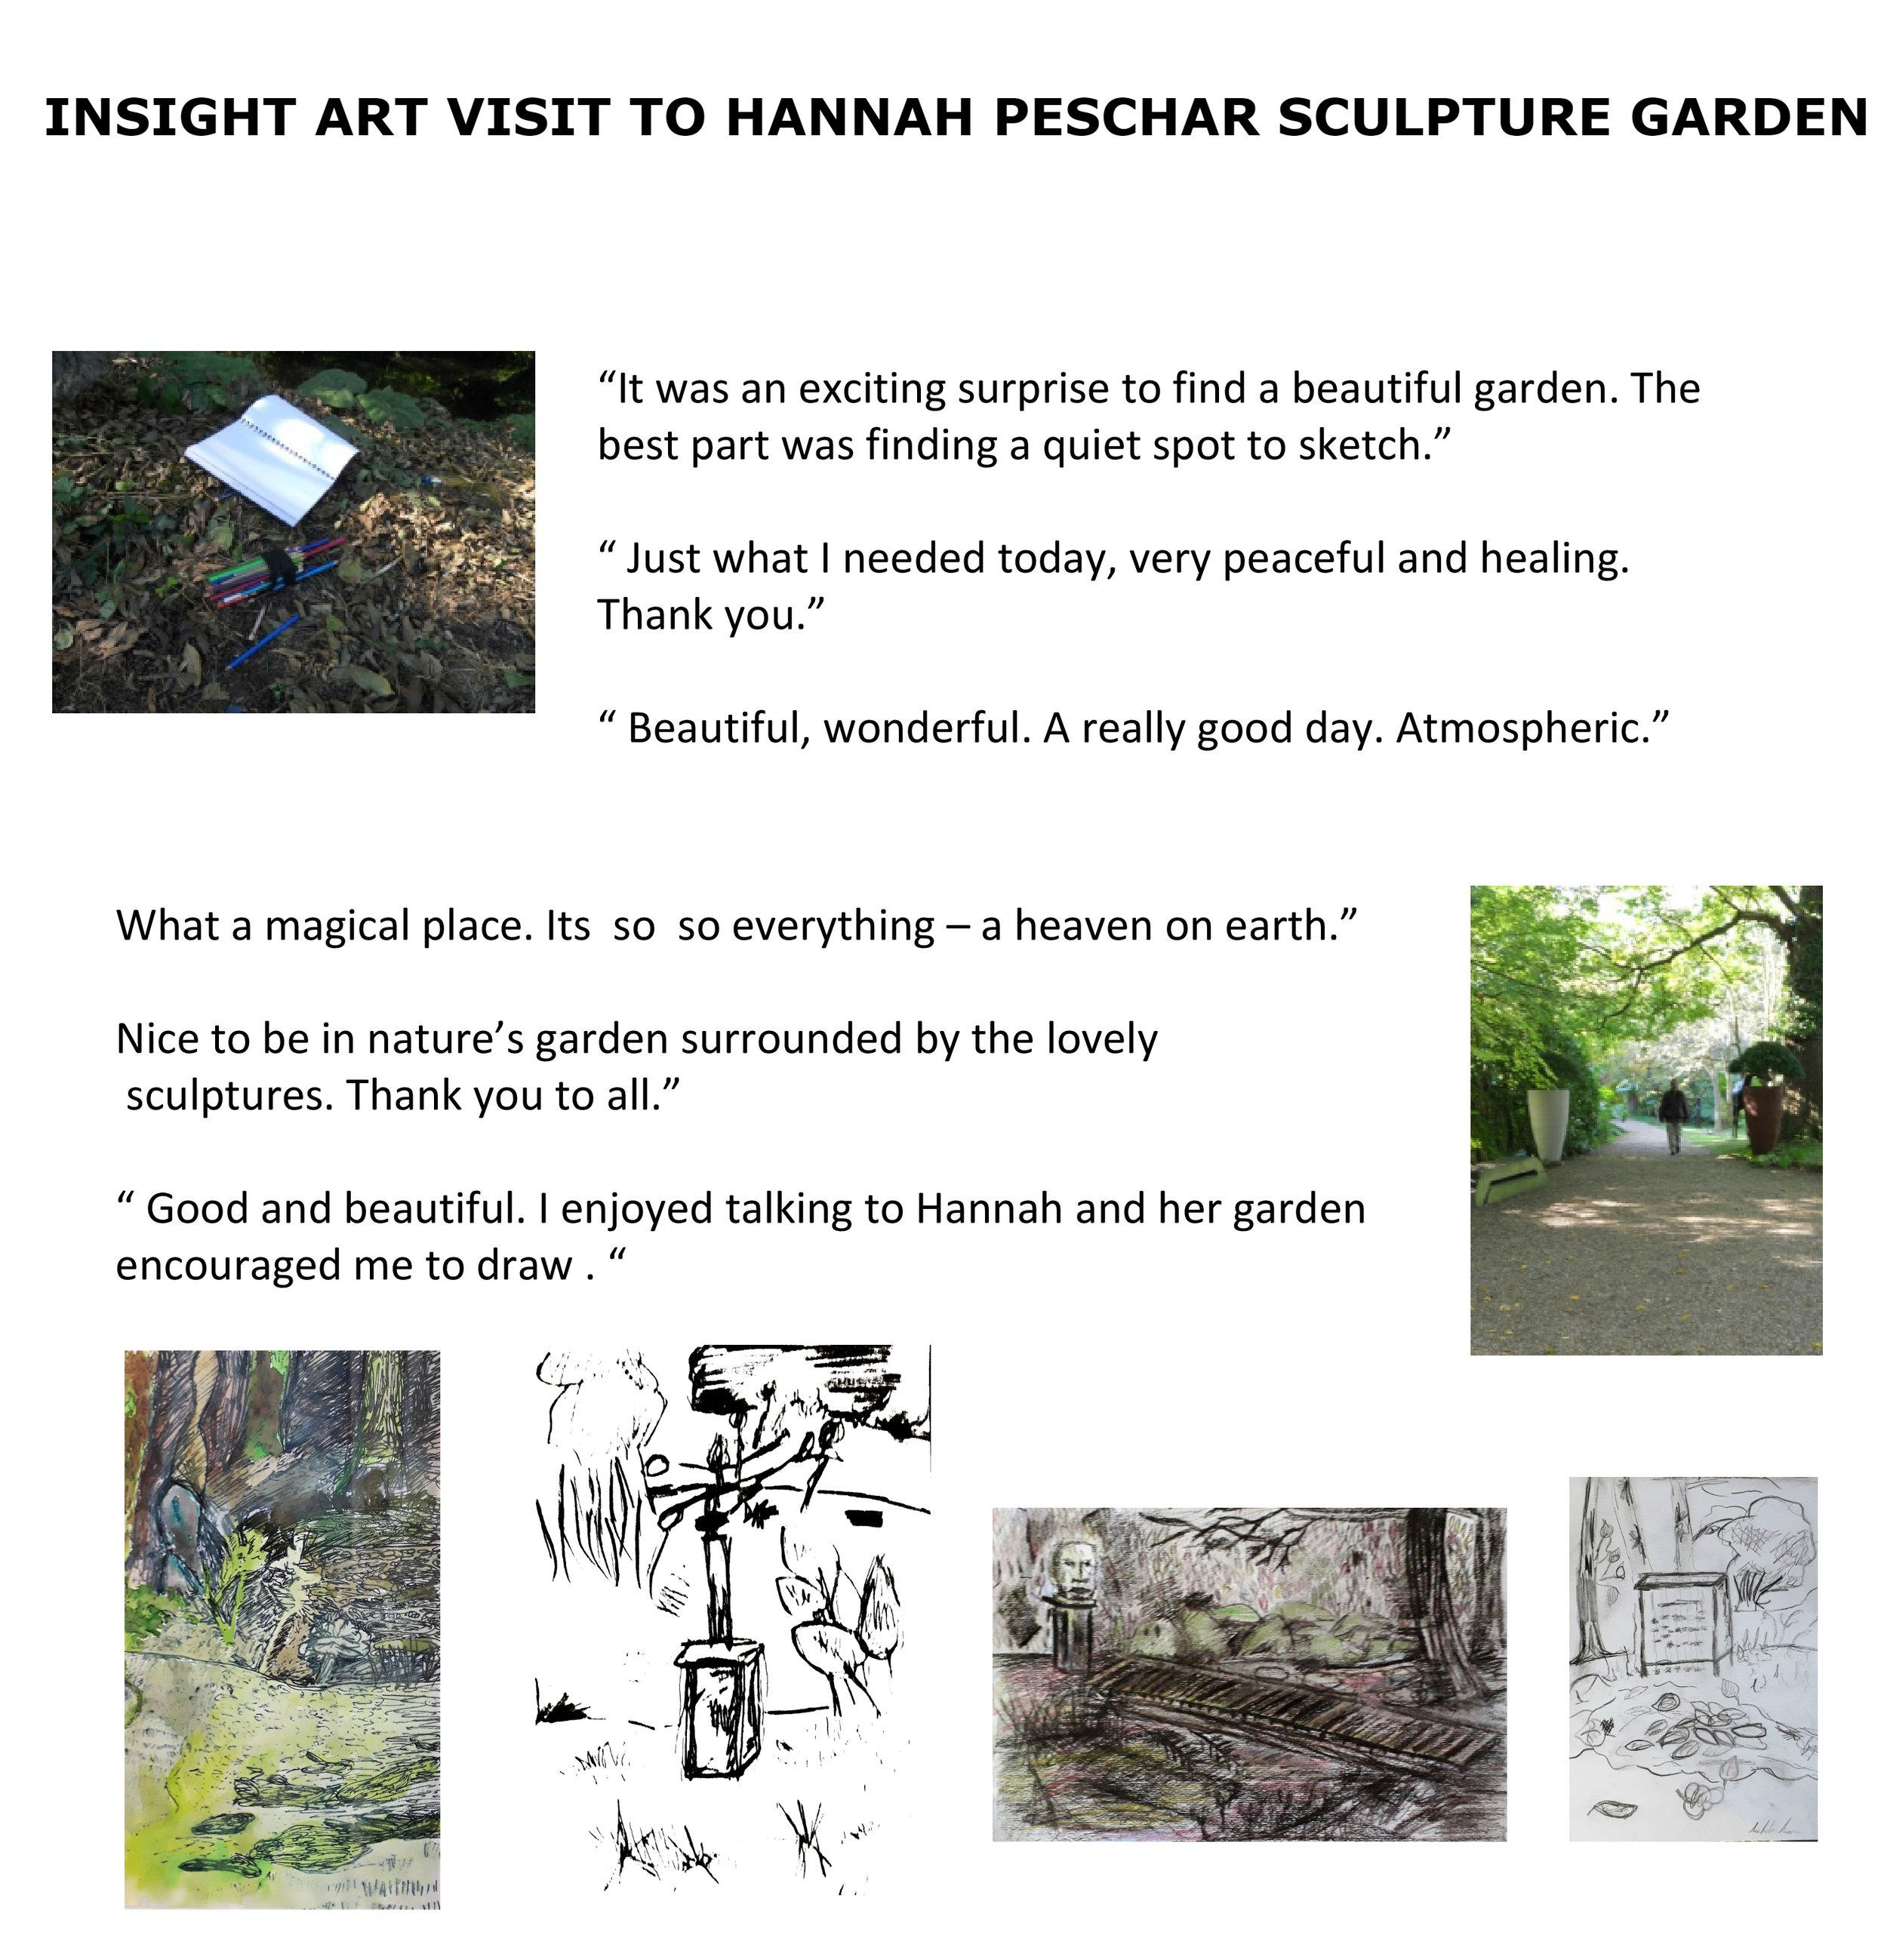 Hannah Peschar Sculpture Garden.jpg